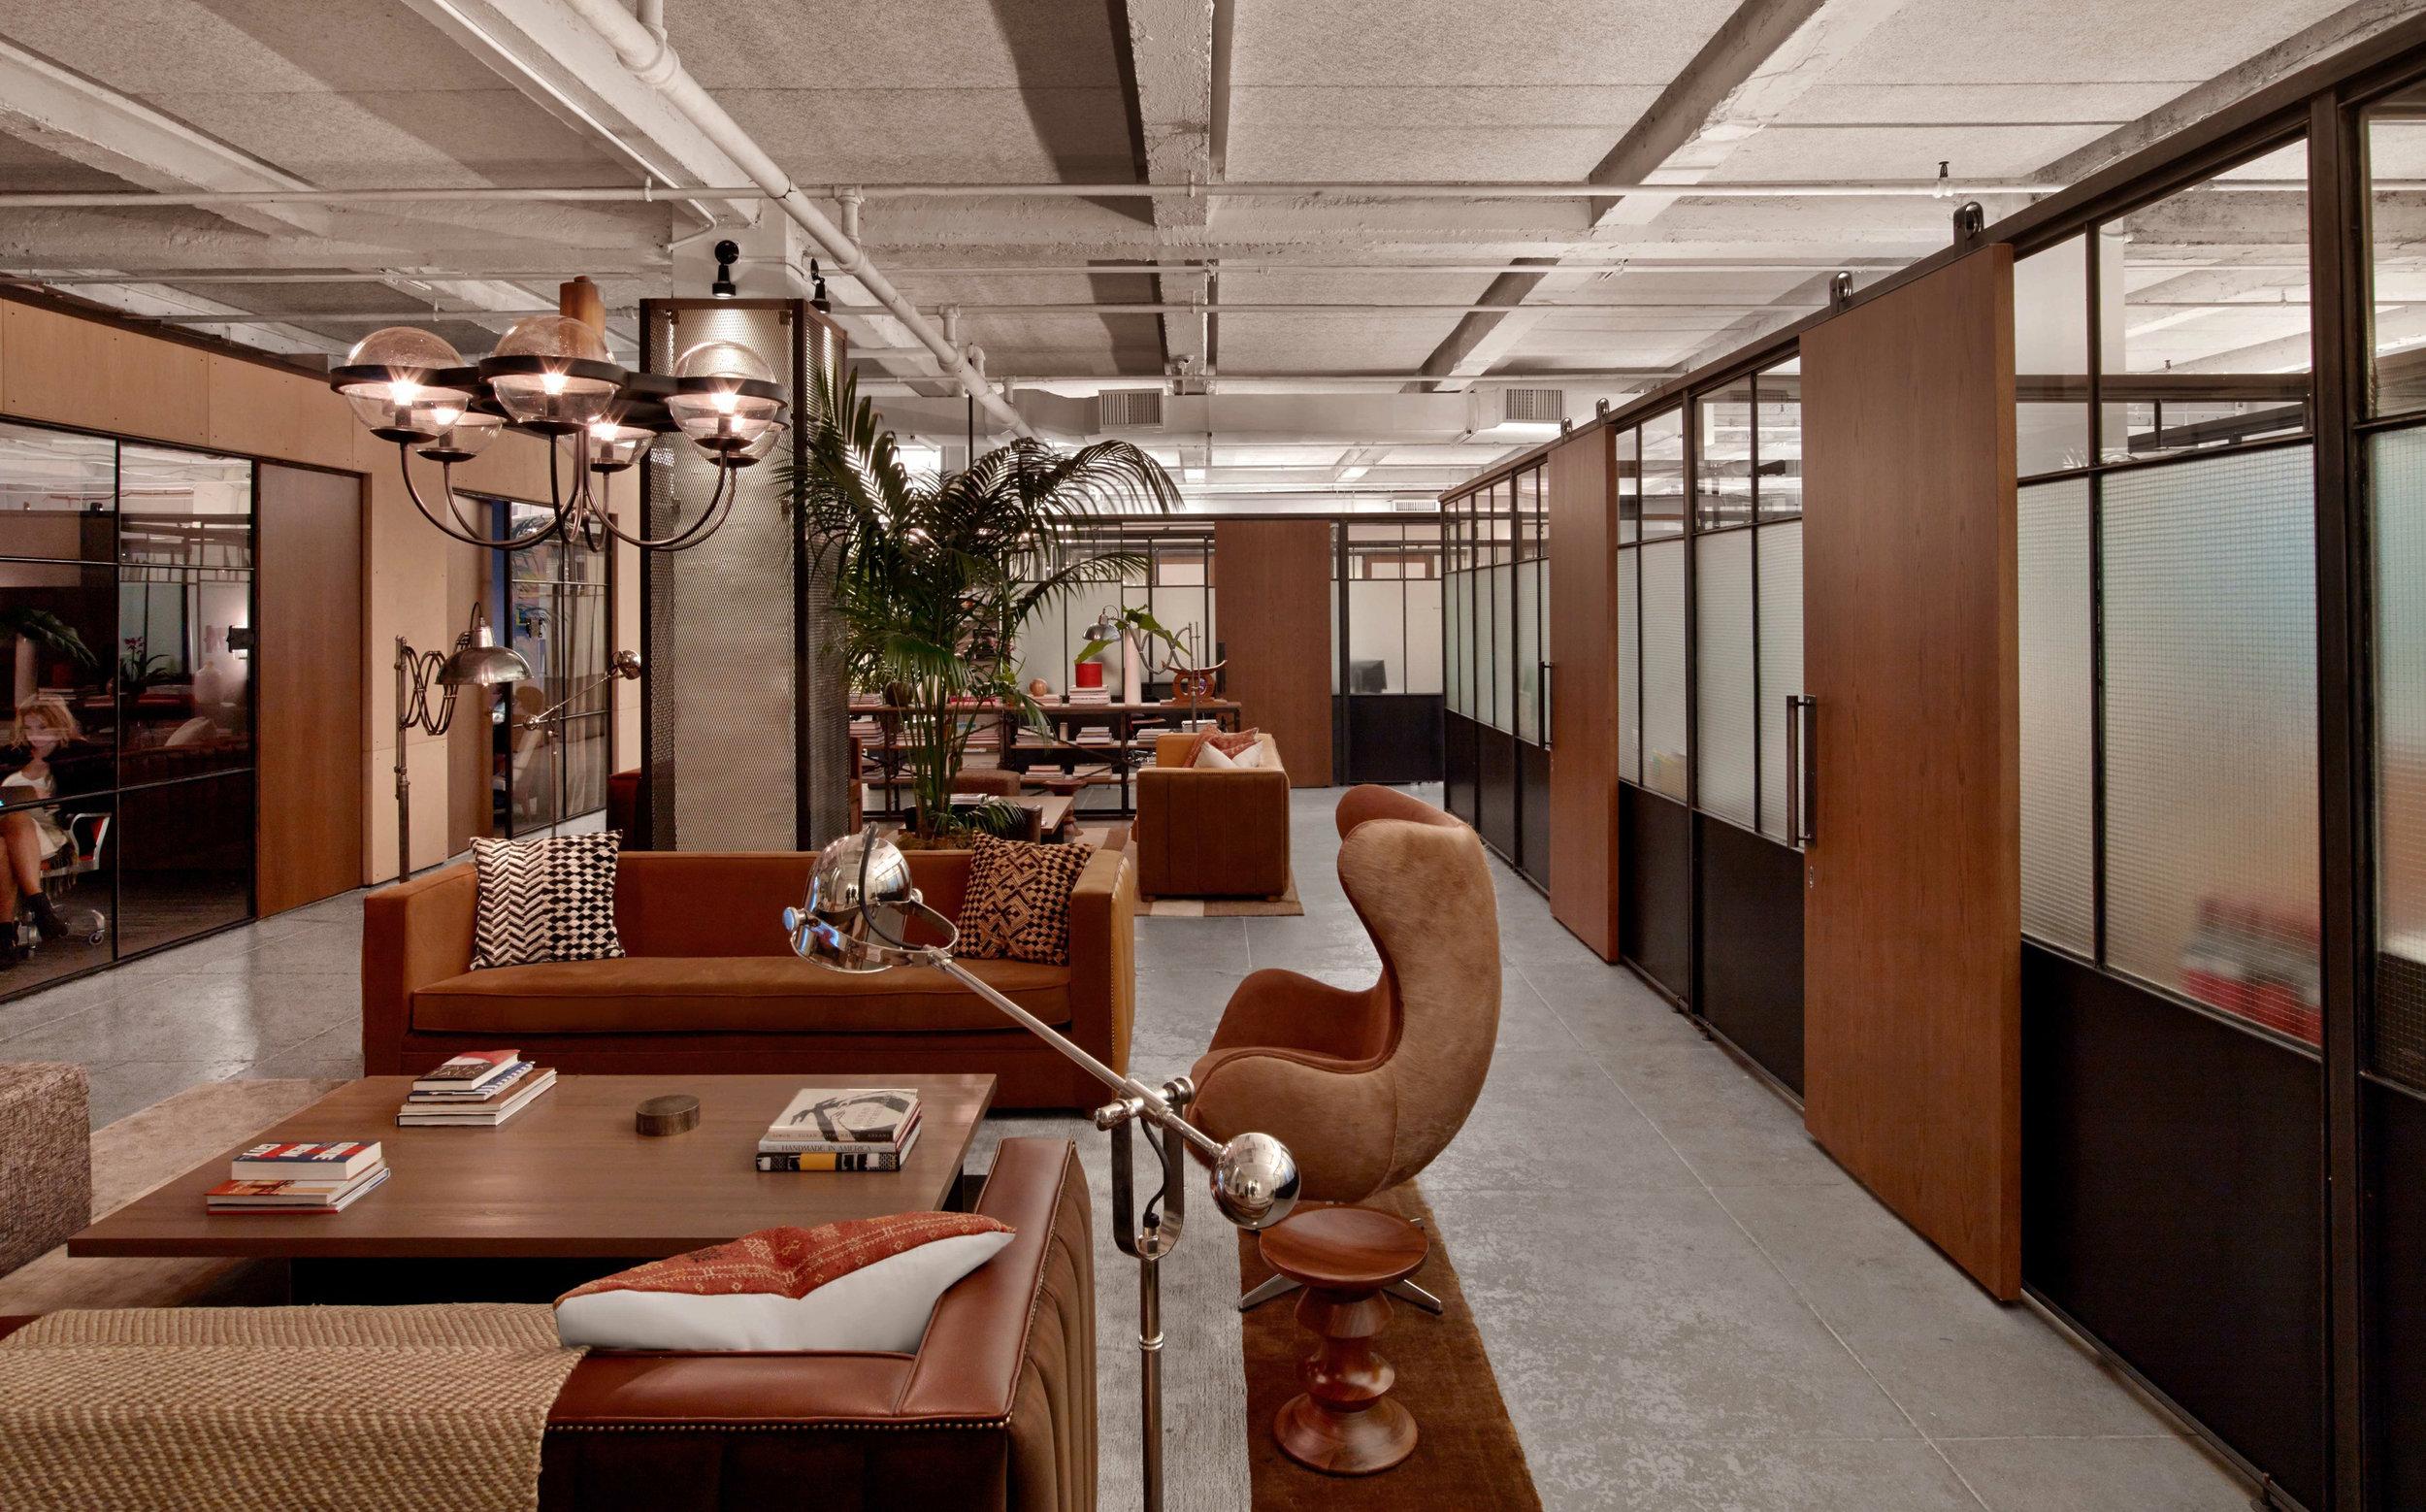 - Workspaces